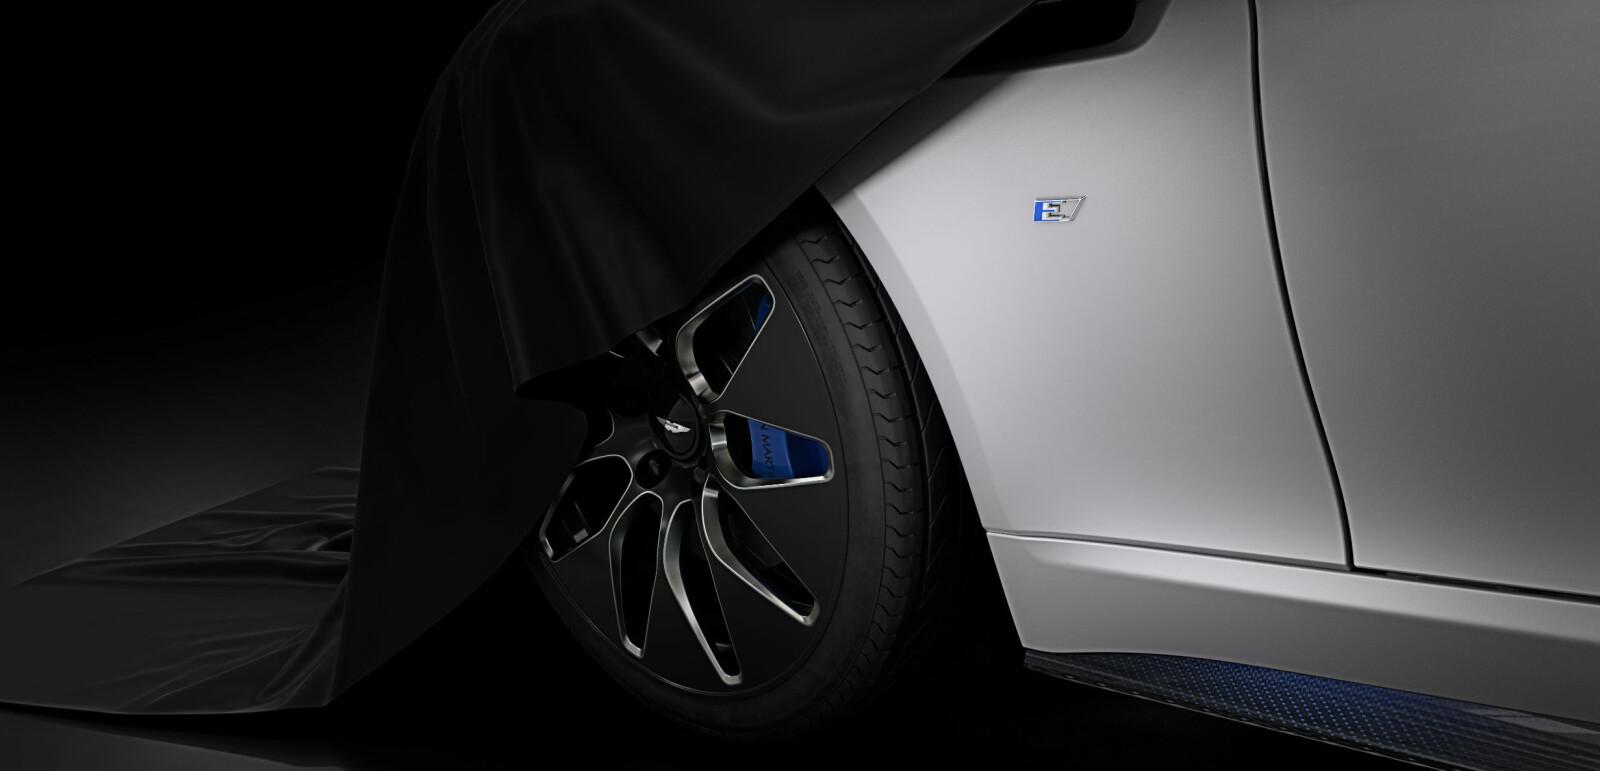 <b>RAPIDE E: </b>Dette er det første bildet Aston Martin har sluppet av sin kommende elbil Rapide E. Navnet på elbilen hinter om at bilen designmessig vil hvile på søsterbilen Rapide S.